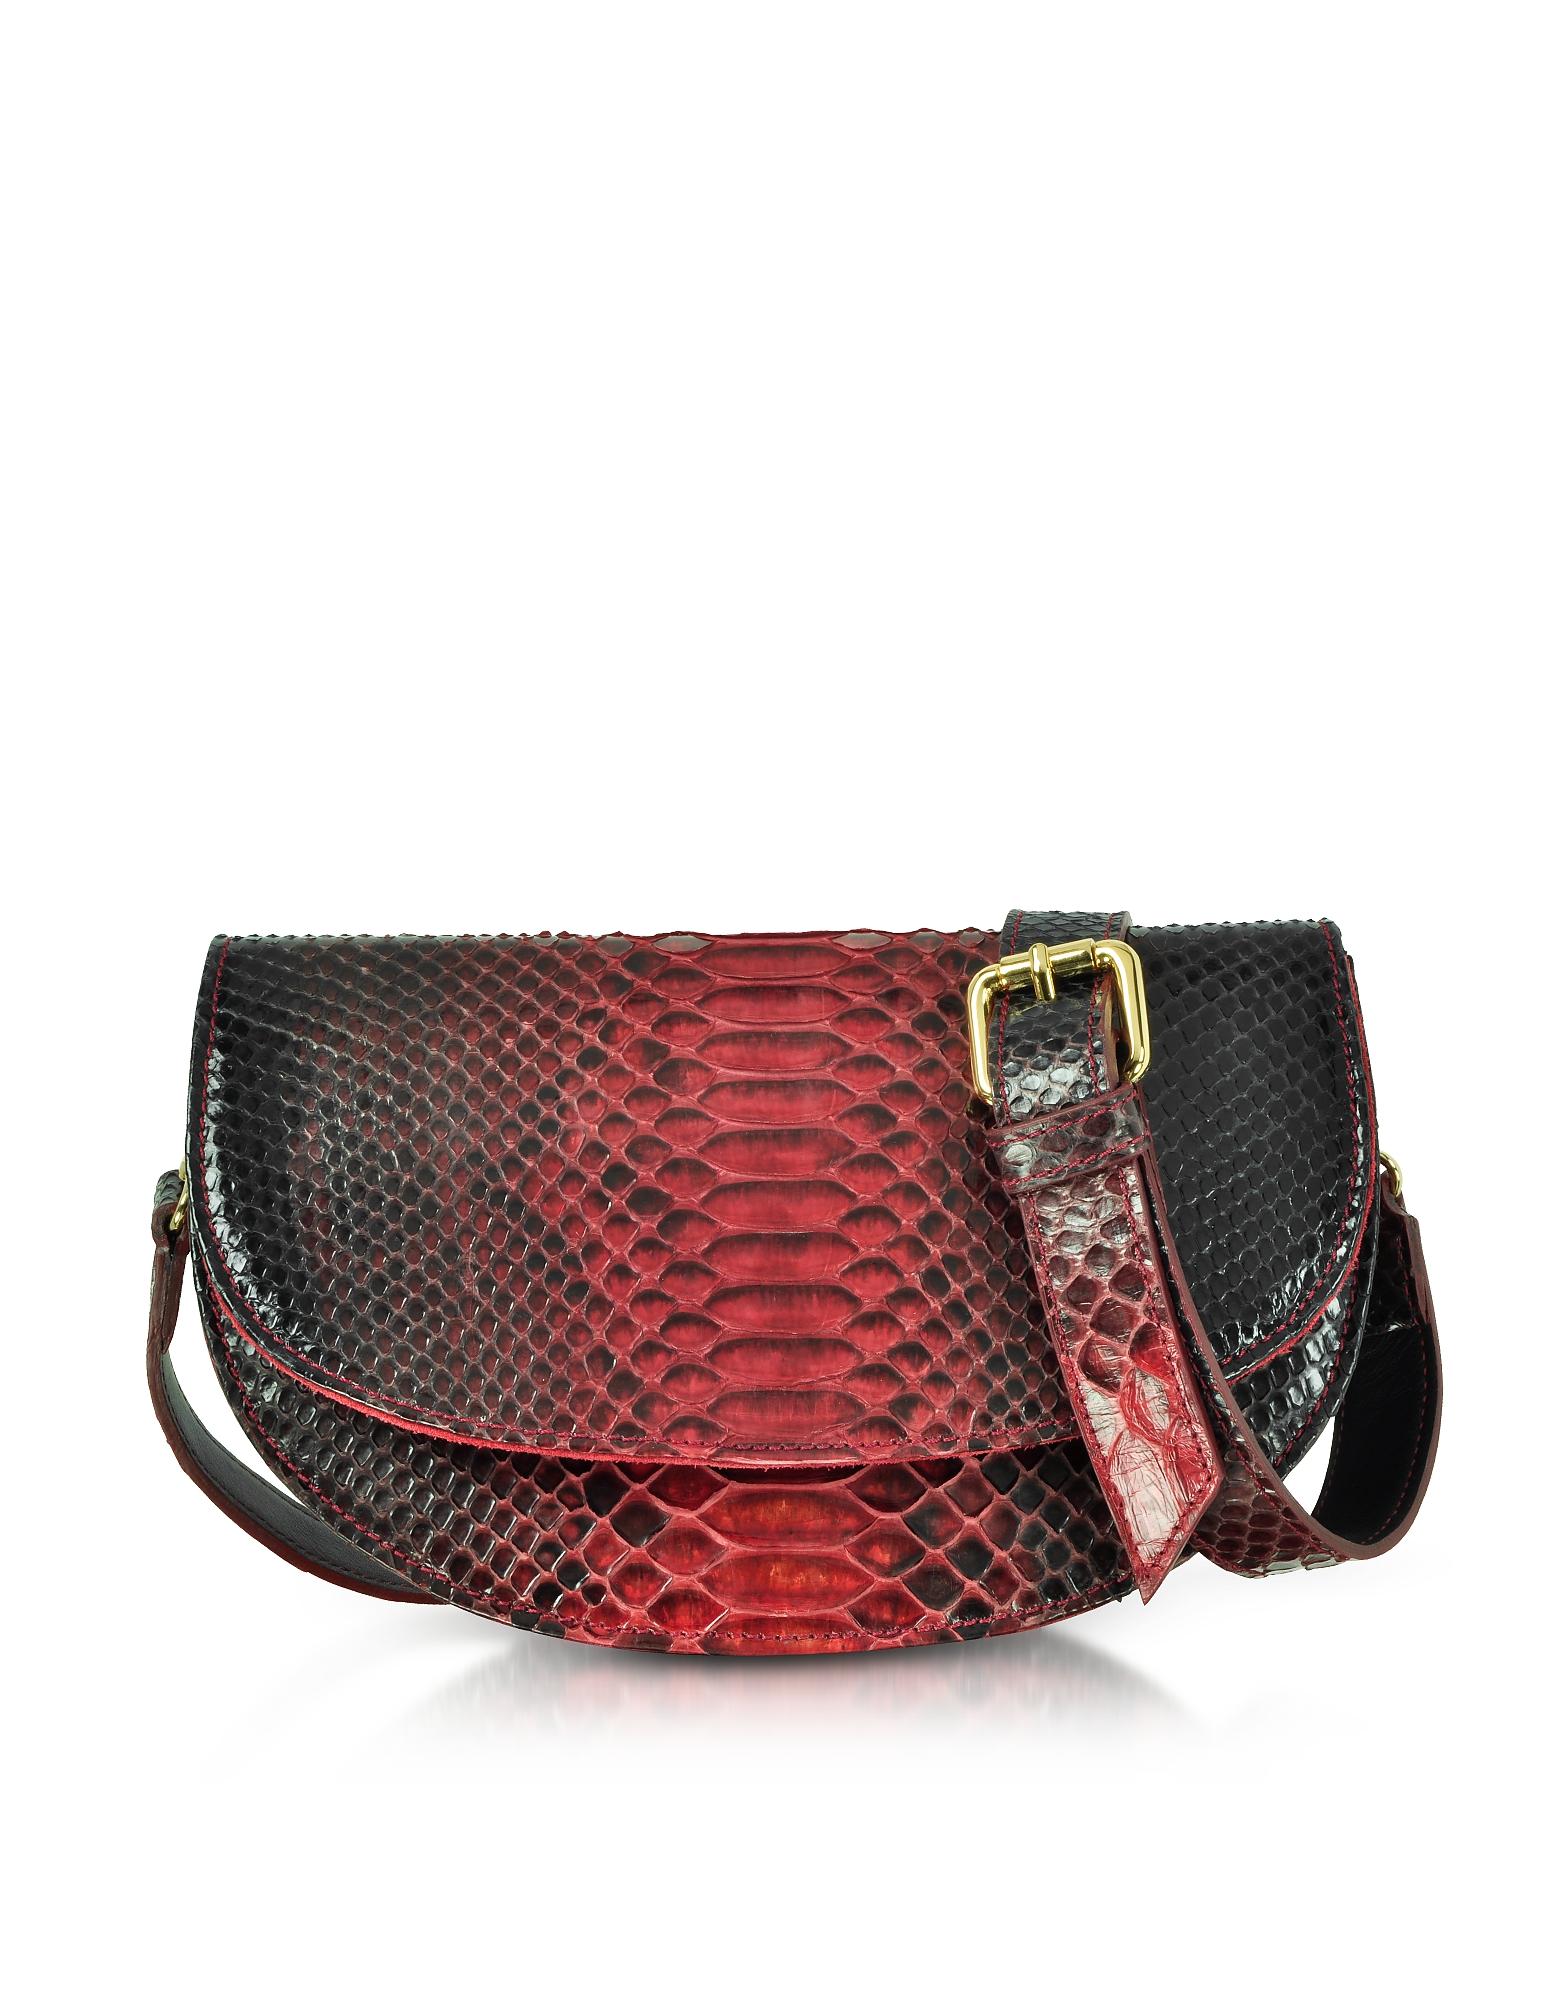 Red Python Leather Half-Moon Shoulder/Belt Bag